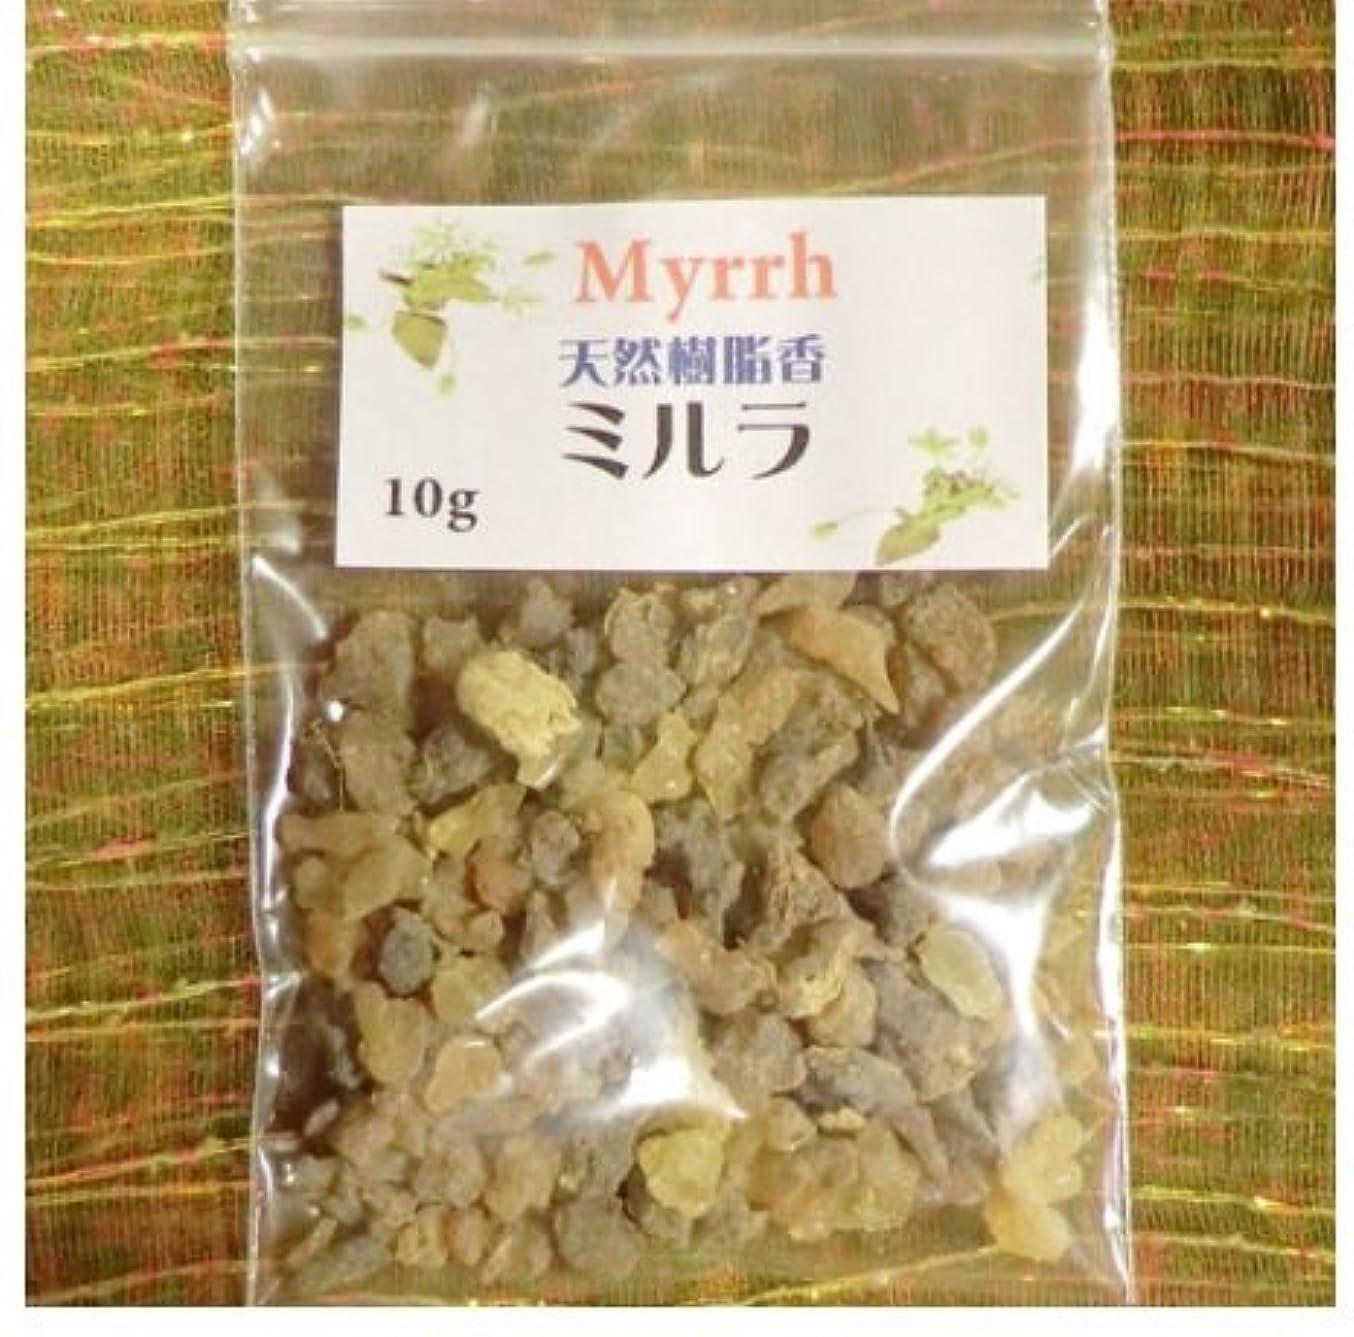 知事けん引巨大なミルラ Myrrh (没薬) 天然樹脂香 10g (ミルラ)